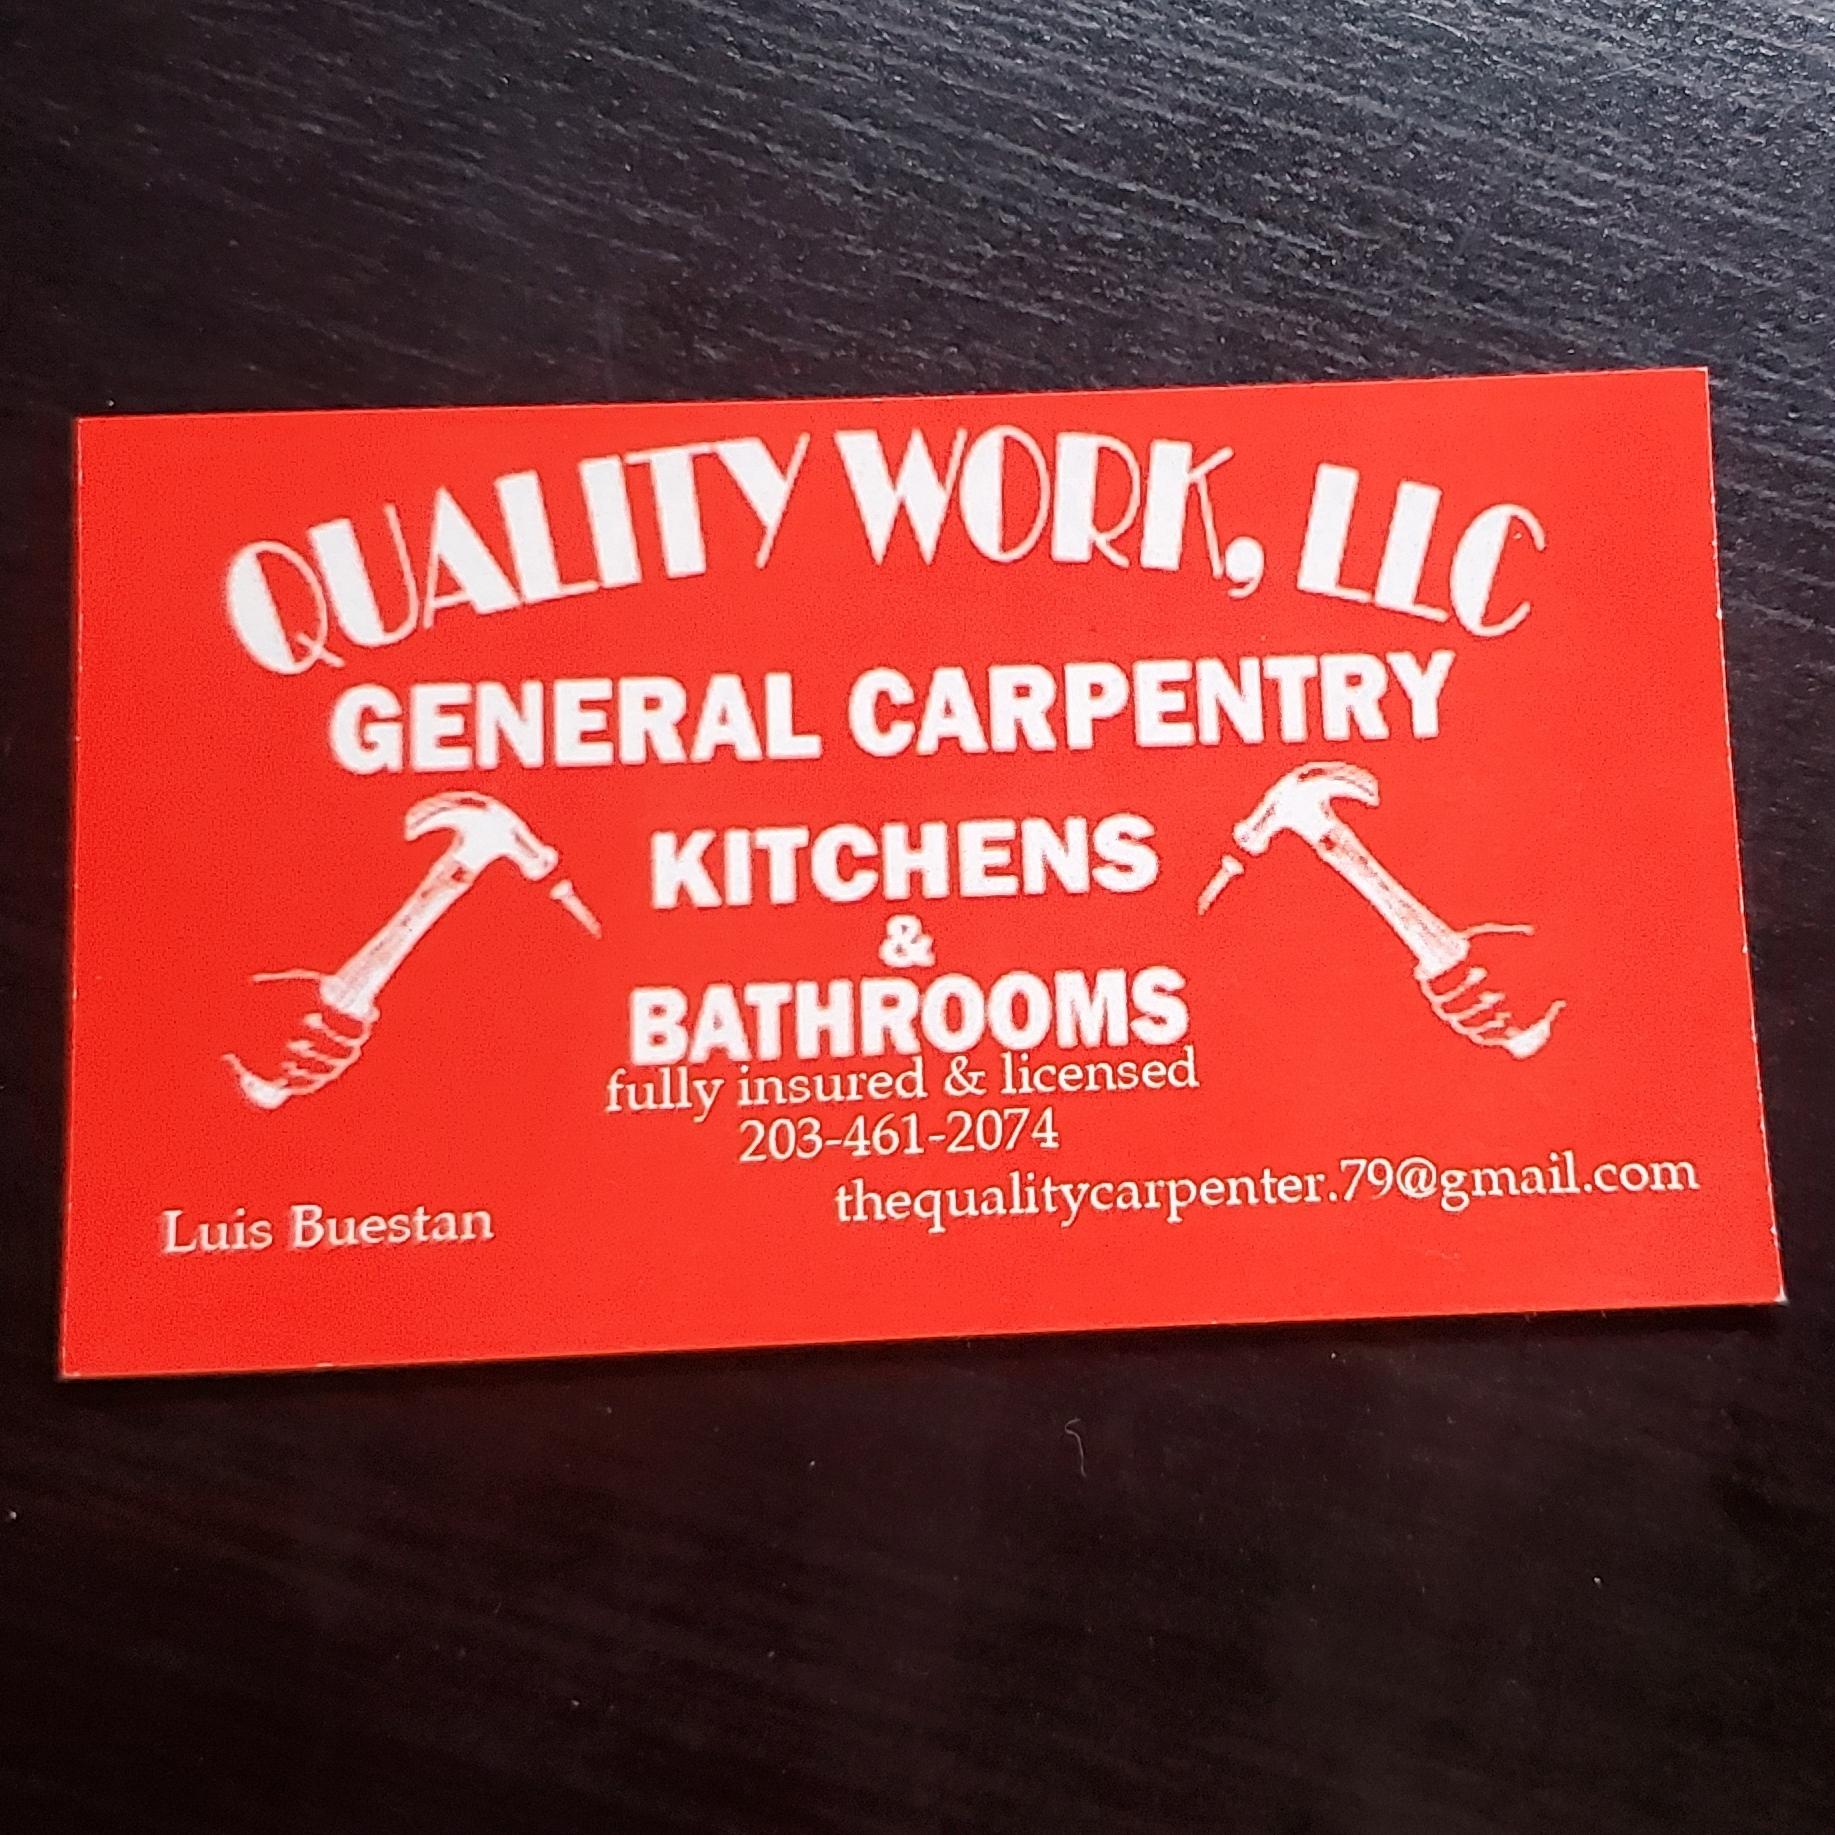 Quality work LLC logo